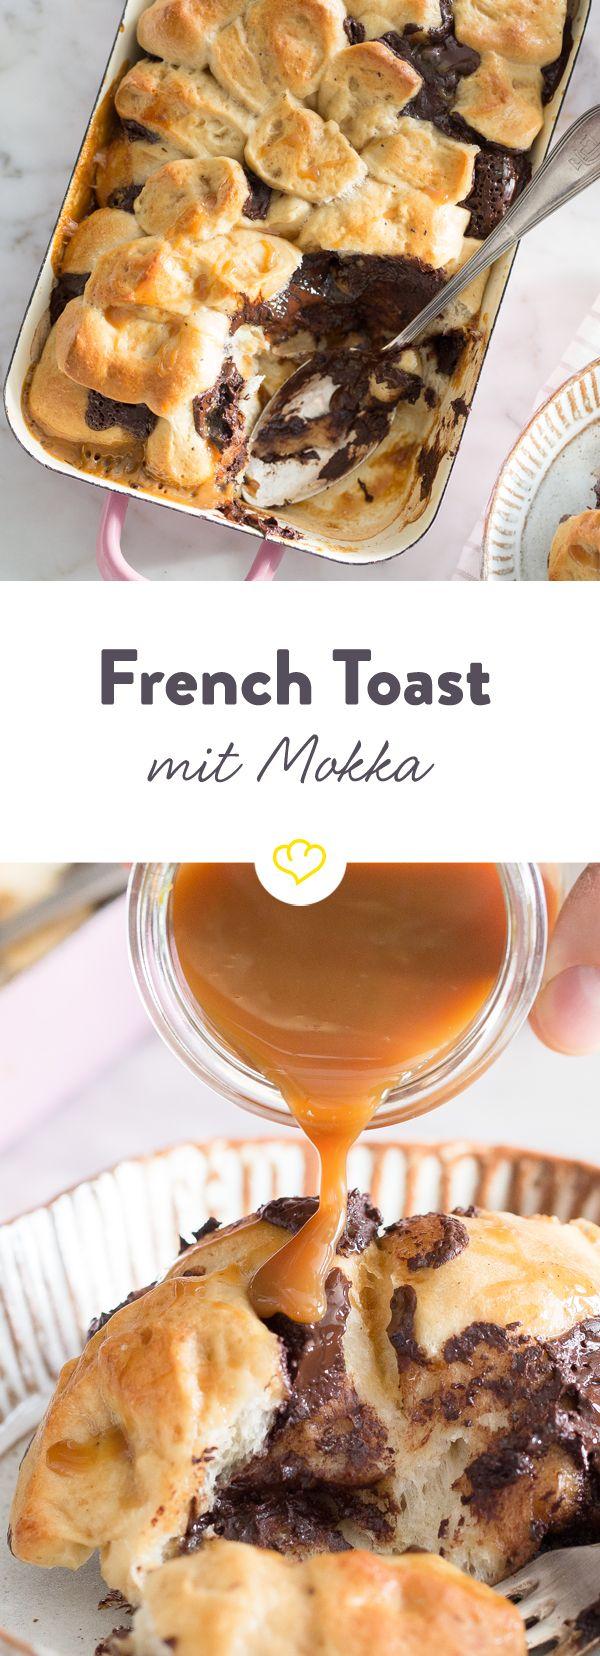 Ob French Toast oder Arme Ritter - der Name ist bei diesem ofenwarmen Leckerbissen mit Schokolade und einem Schuss Mokka eh nur Nebensache.